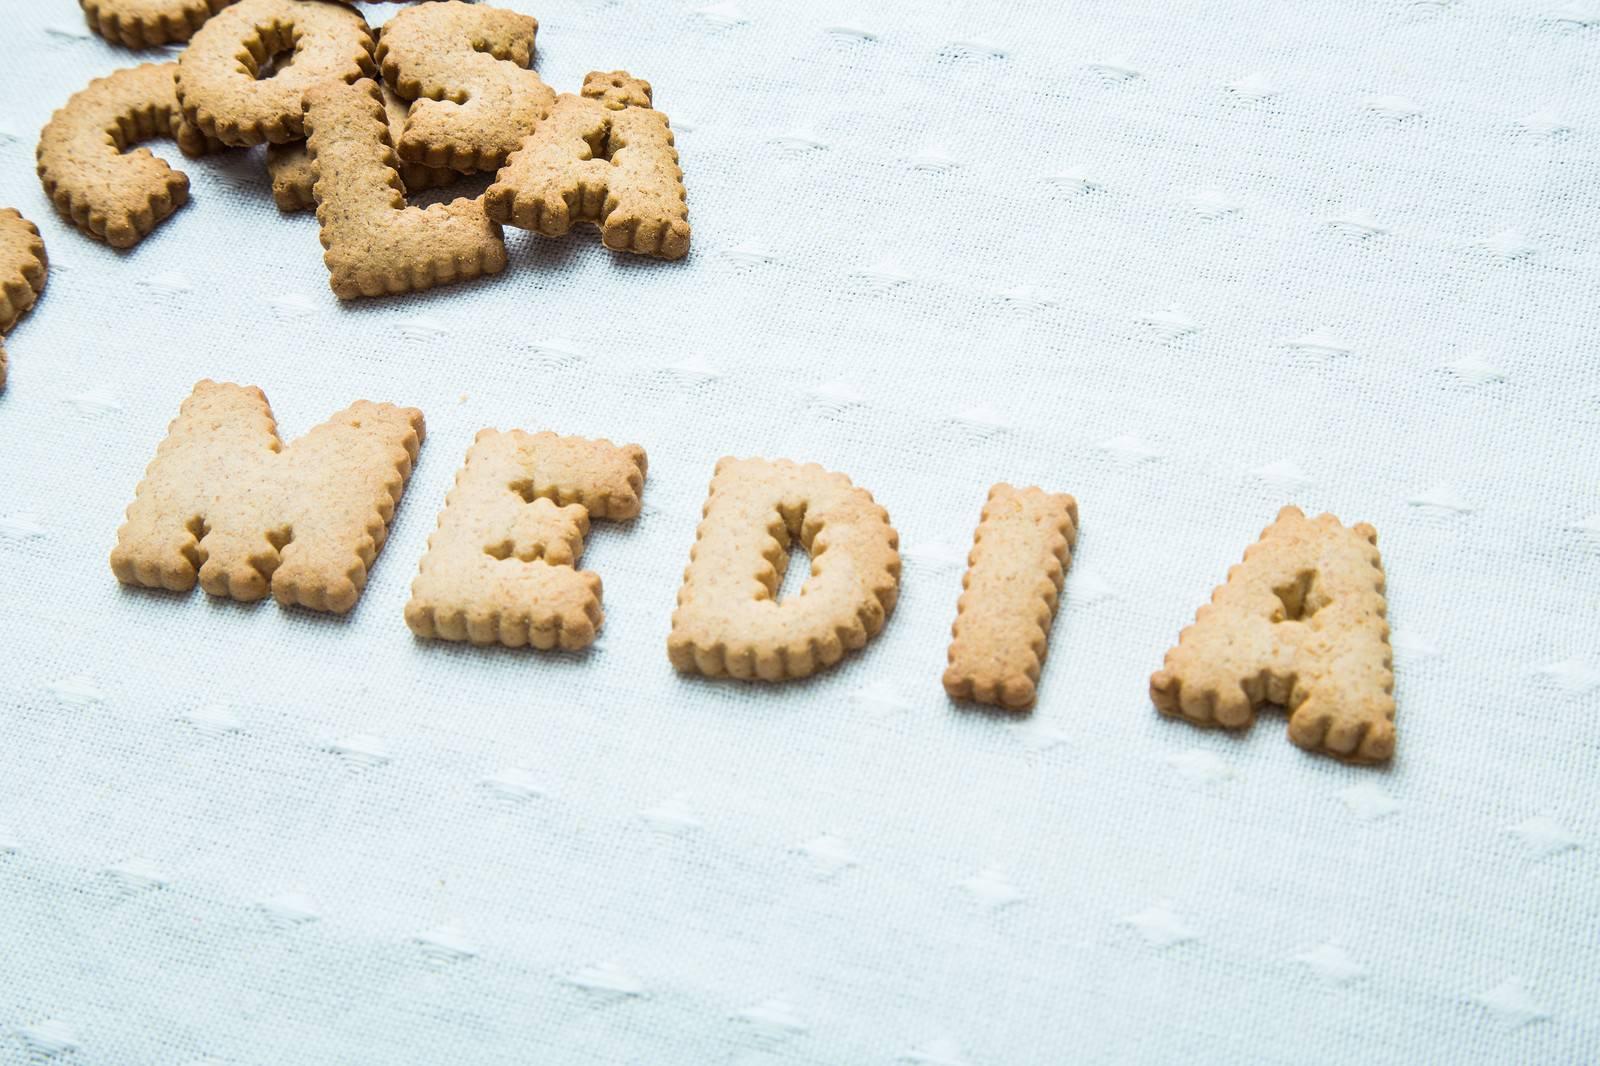 「MEDIAと並べられたクッキー」の写真